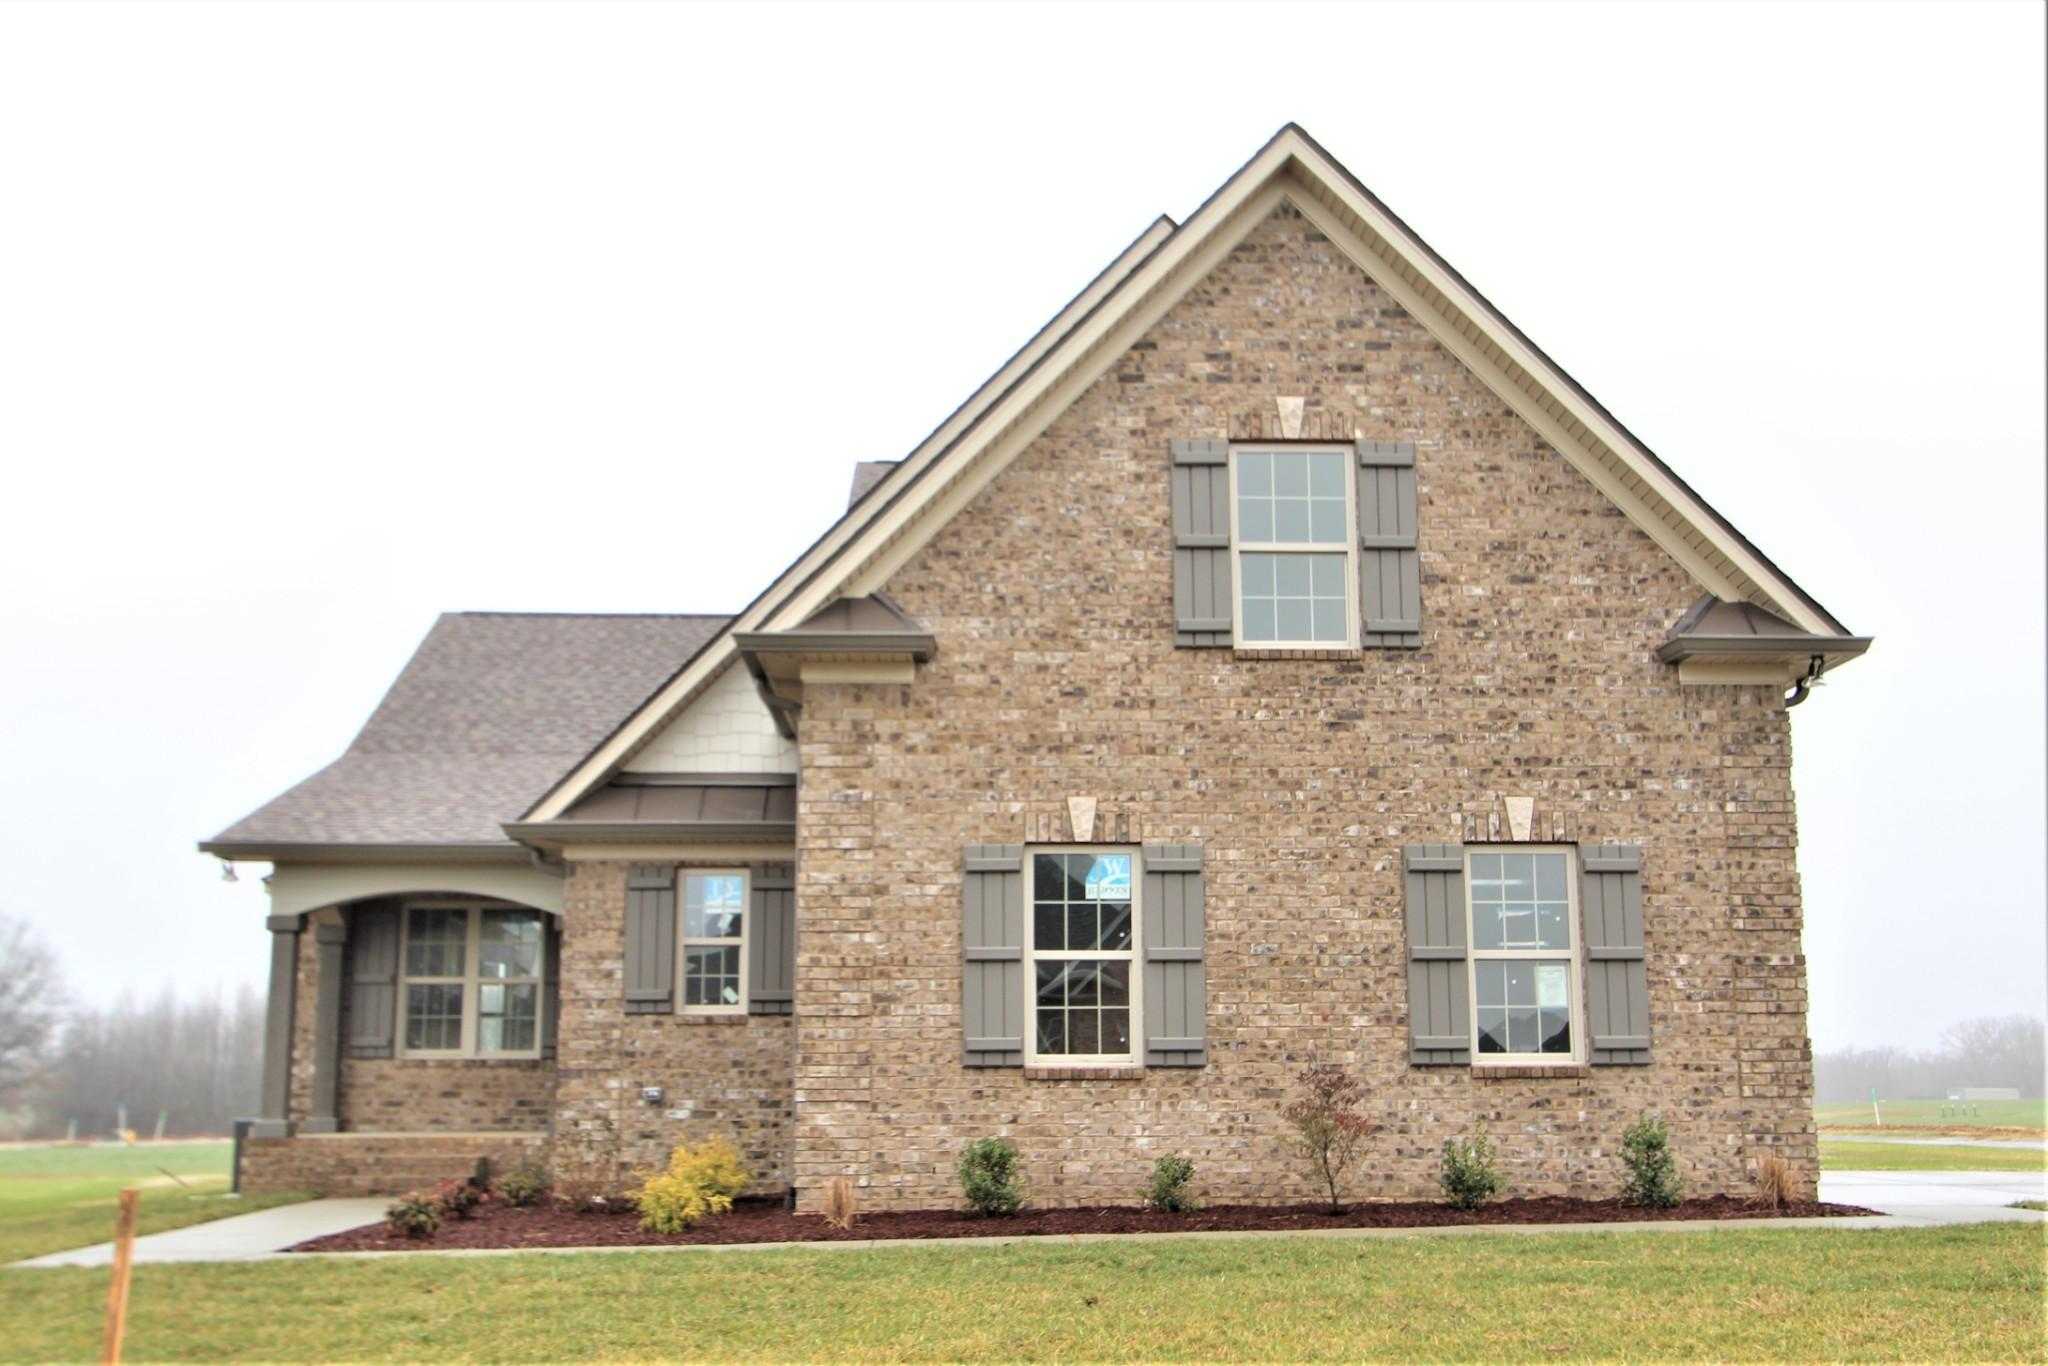 353 Lowline Dr. #38, Clarksville, TN 37043 - Clarksville, TN real estate listing